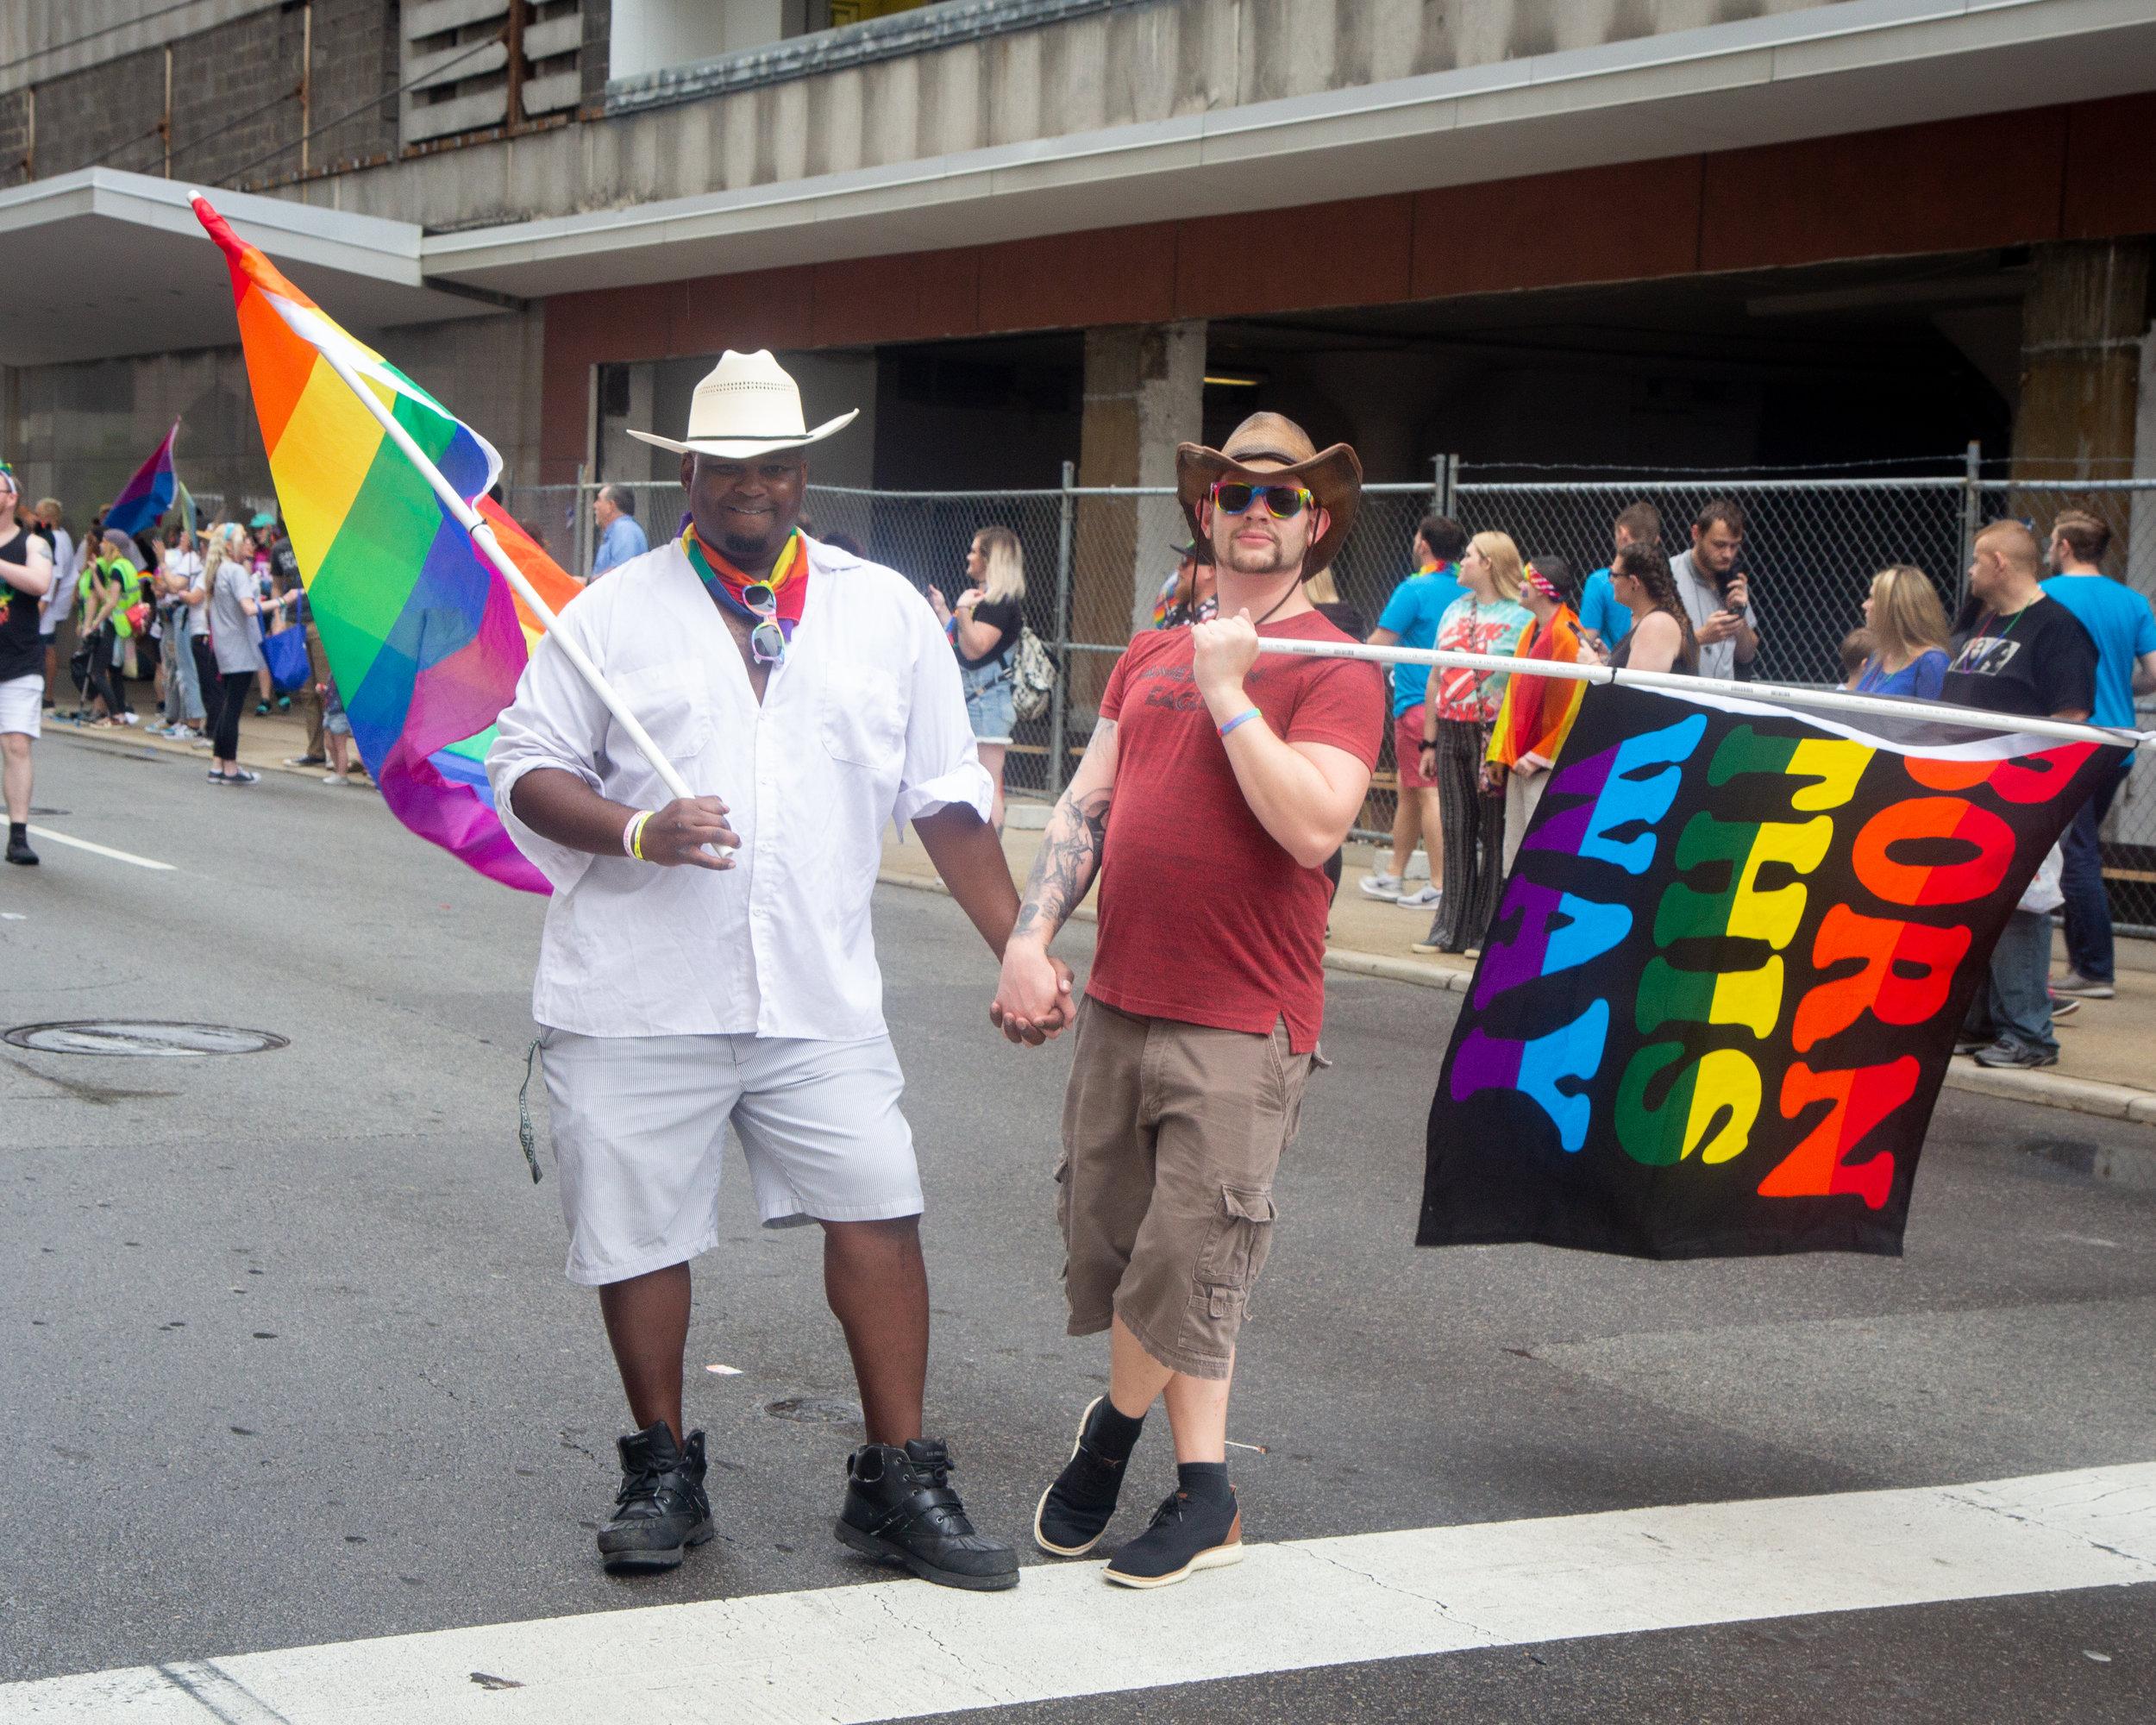 CaseyMillerPhoto - Pride - 2019 -101.jpg